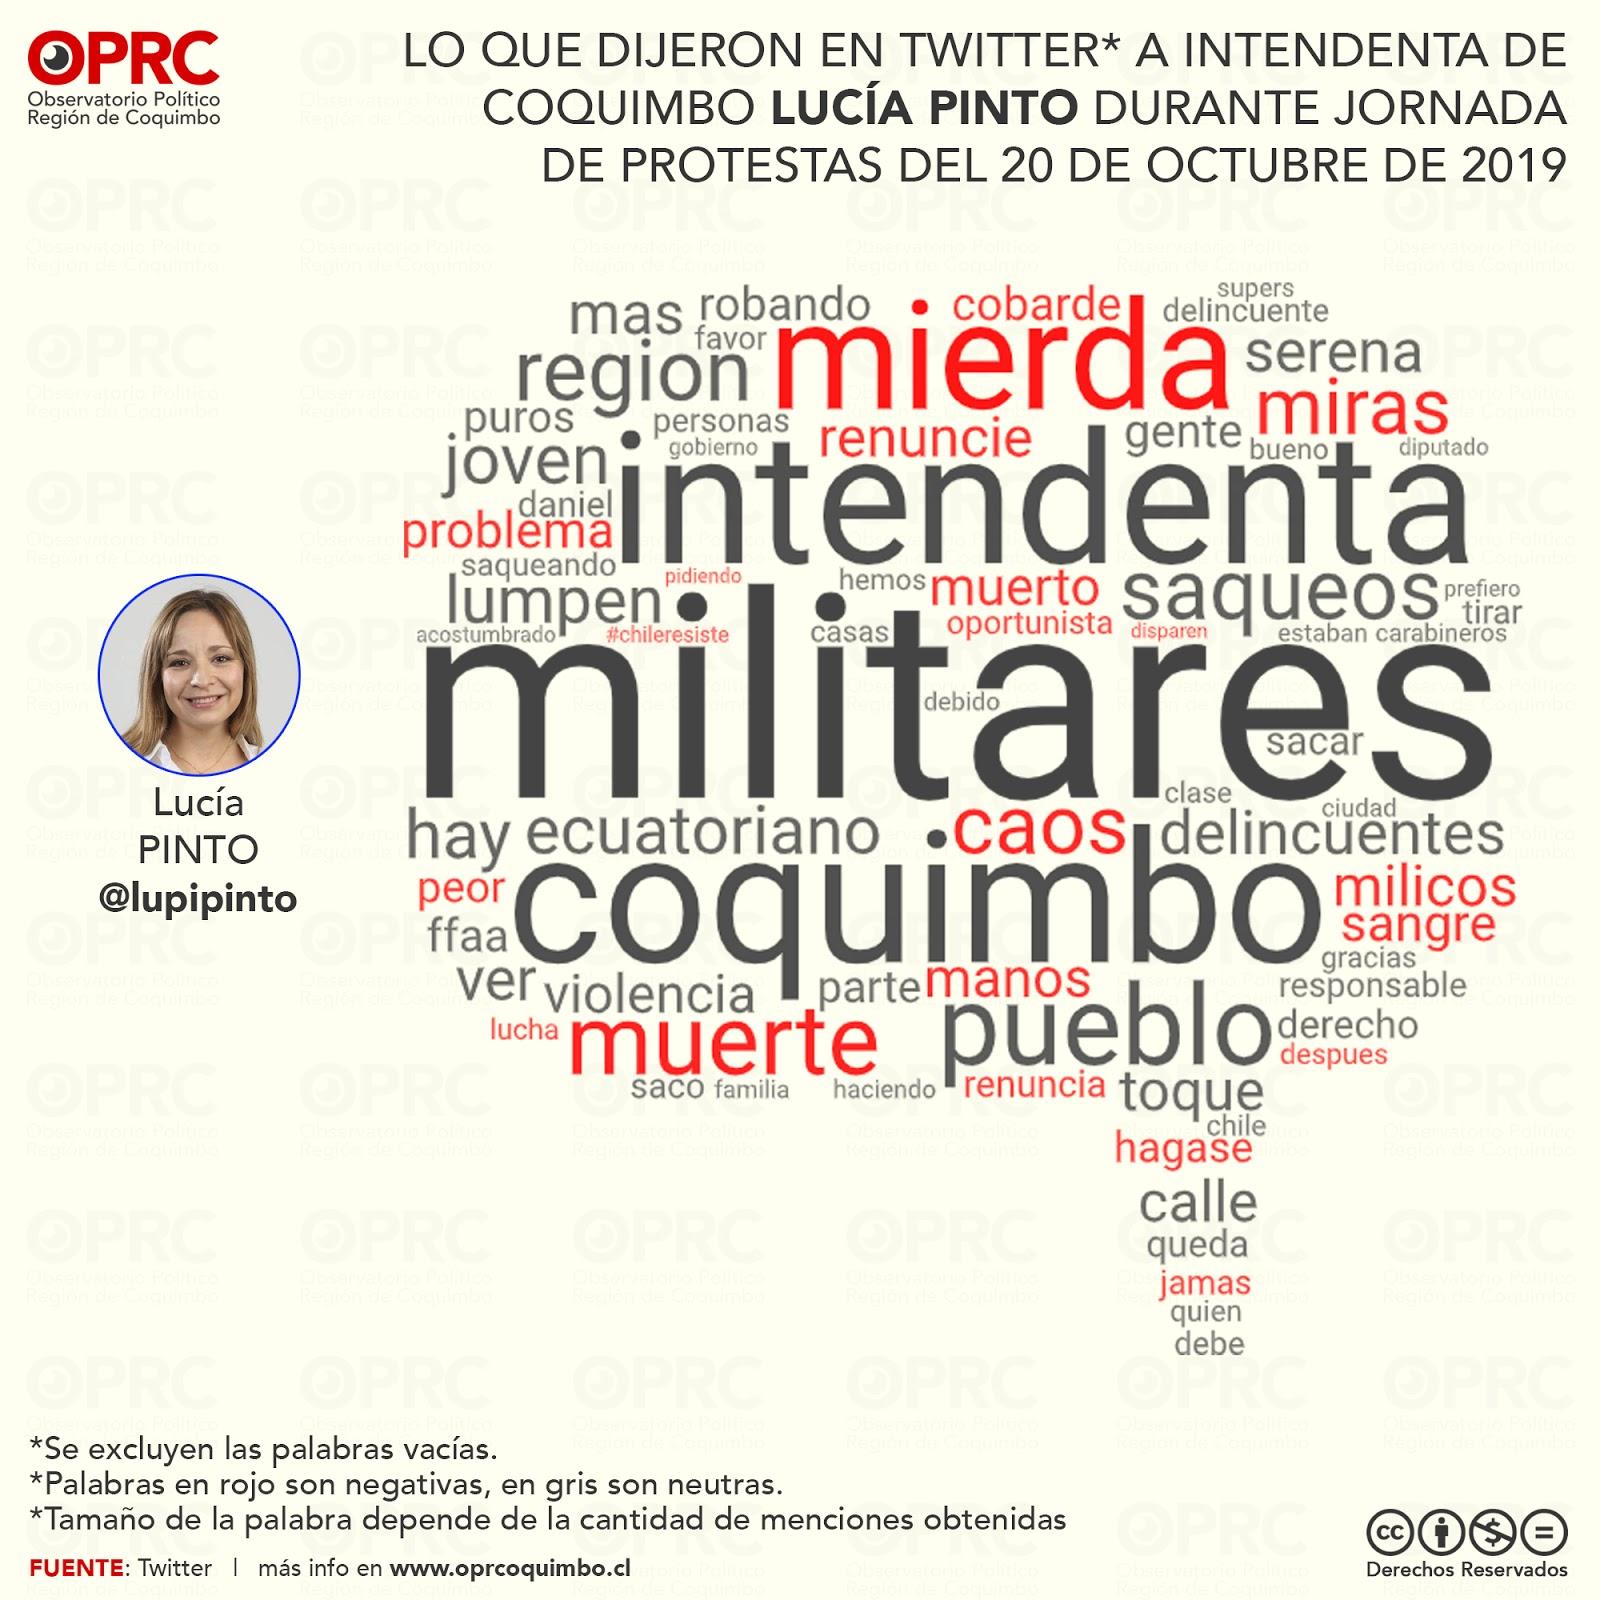 Lo que dijeron en Twitter a Intendenta Lucía Pinto luego de protestas del 20 de octubre de 2019